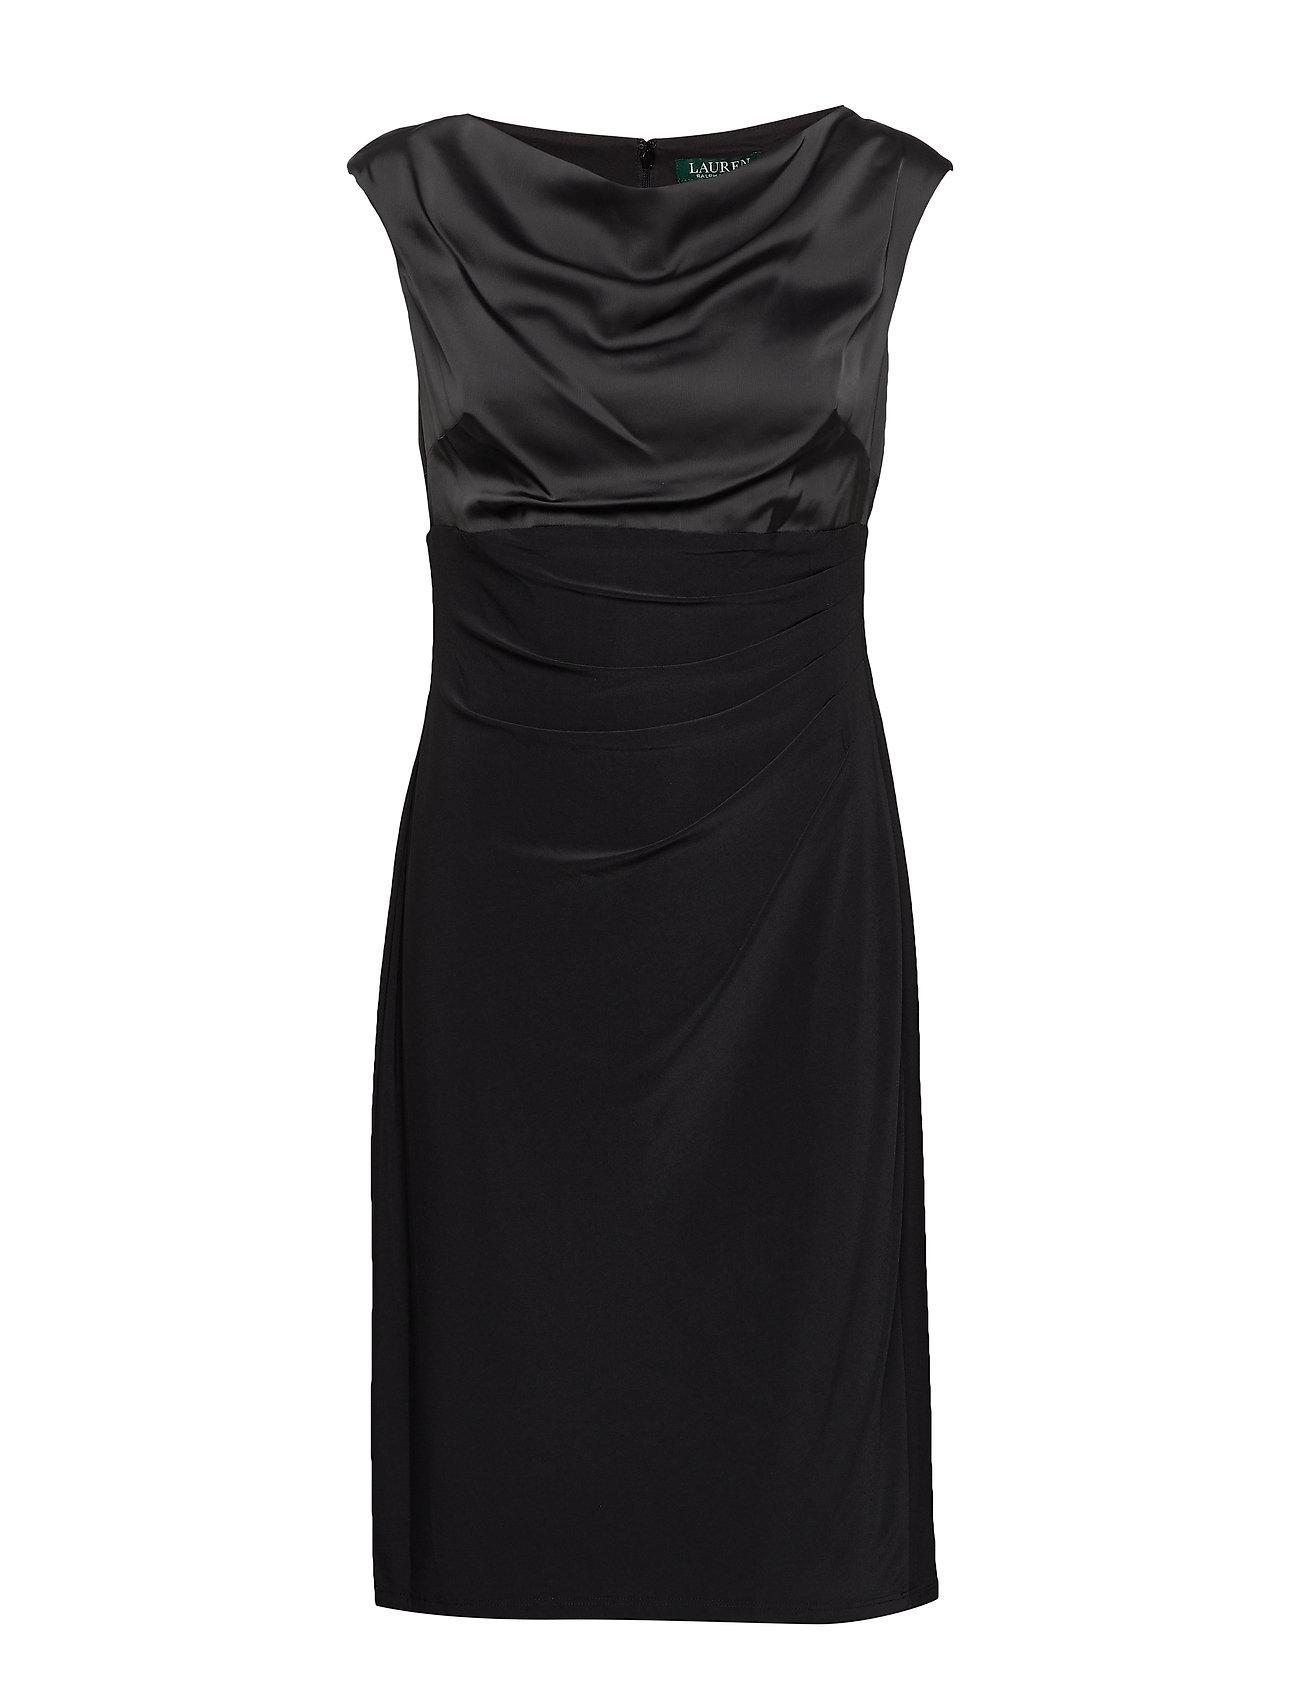 Lauren Ralph Lauren MID WEIGHT MJ-DRESS W/ COMBO - BLACK